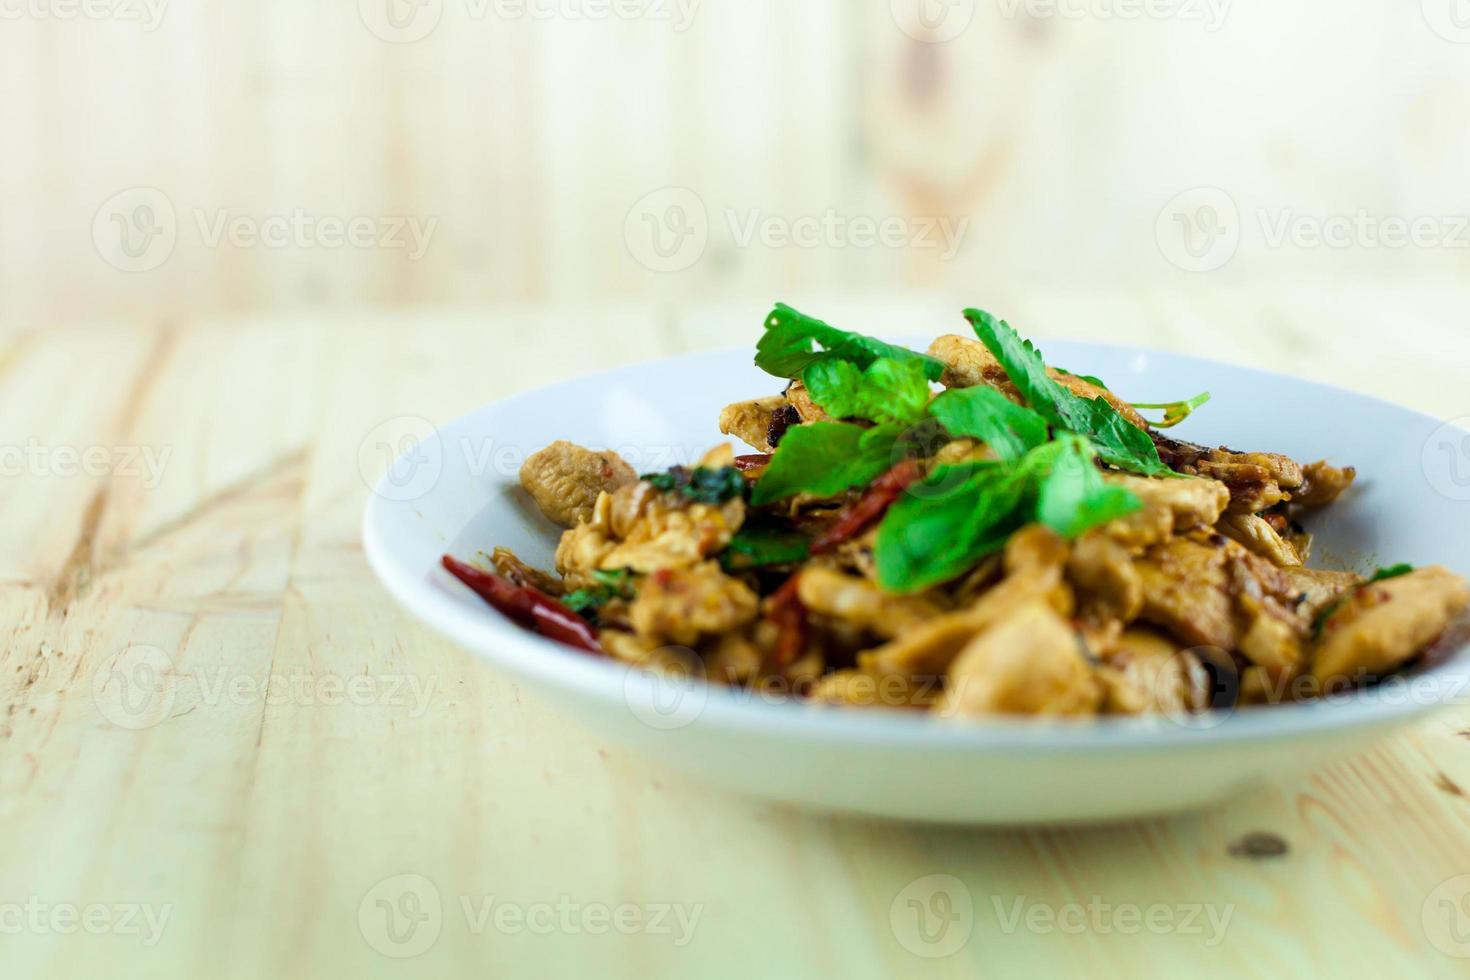 würziges thailändisches Basilikum-Huhn, das bereit ist, auf traditionellem Teller zu essen foto